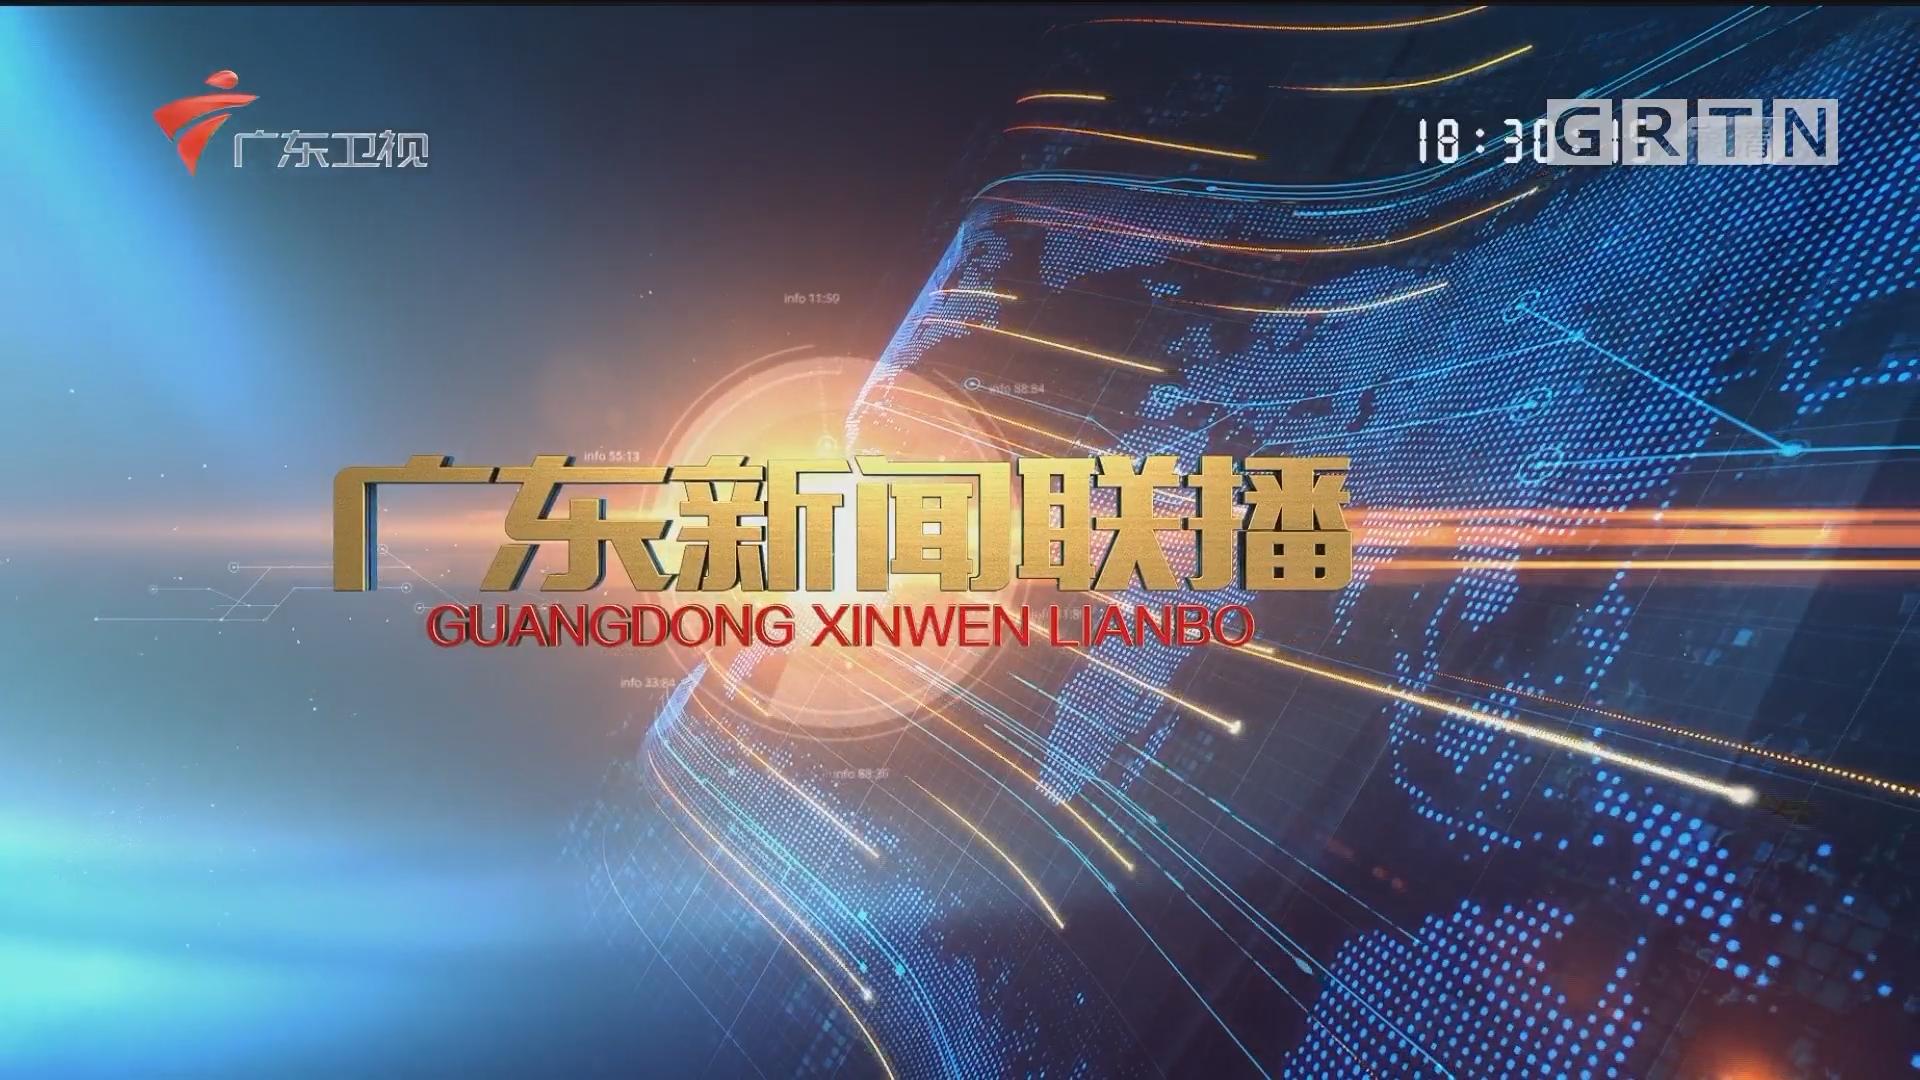 [HD][2017-09-09]广东新闻联播:习近平应约同法国总统马克龙通电话